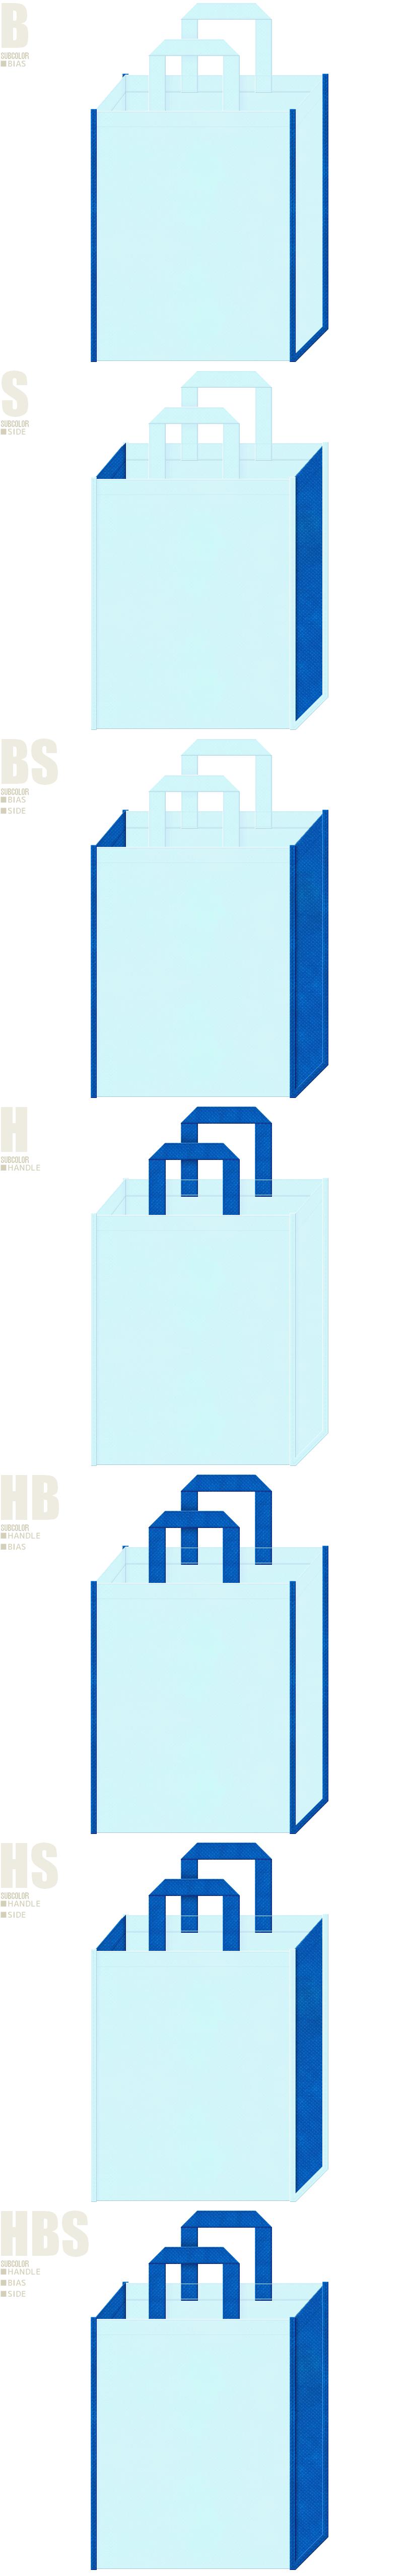 不織布バッグのデザイン:不織布メインカラーNo.30+サブカラーNo.22の2色7パターン